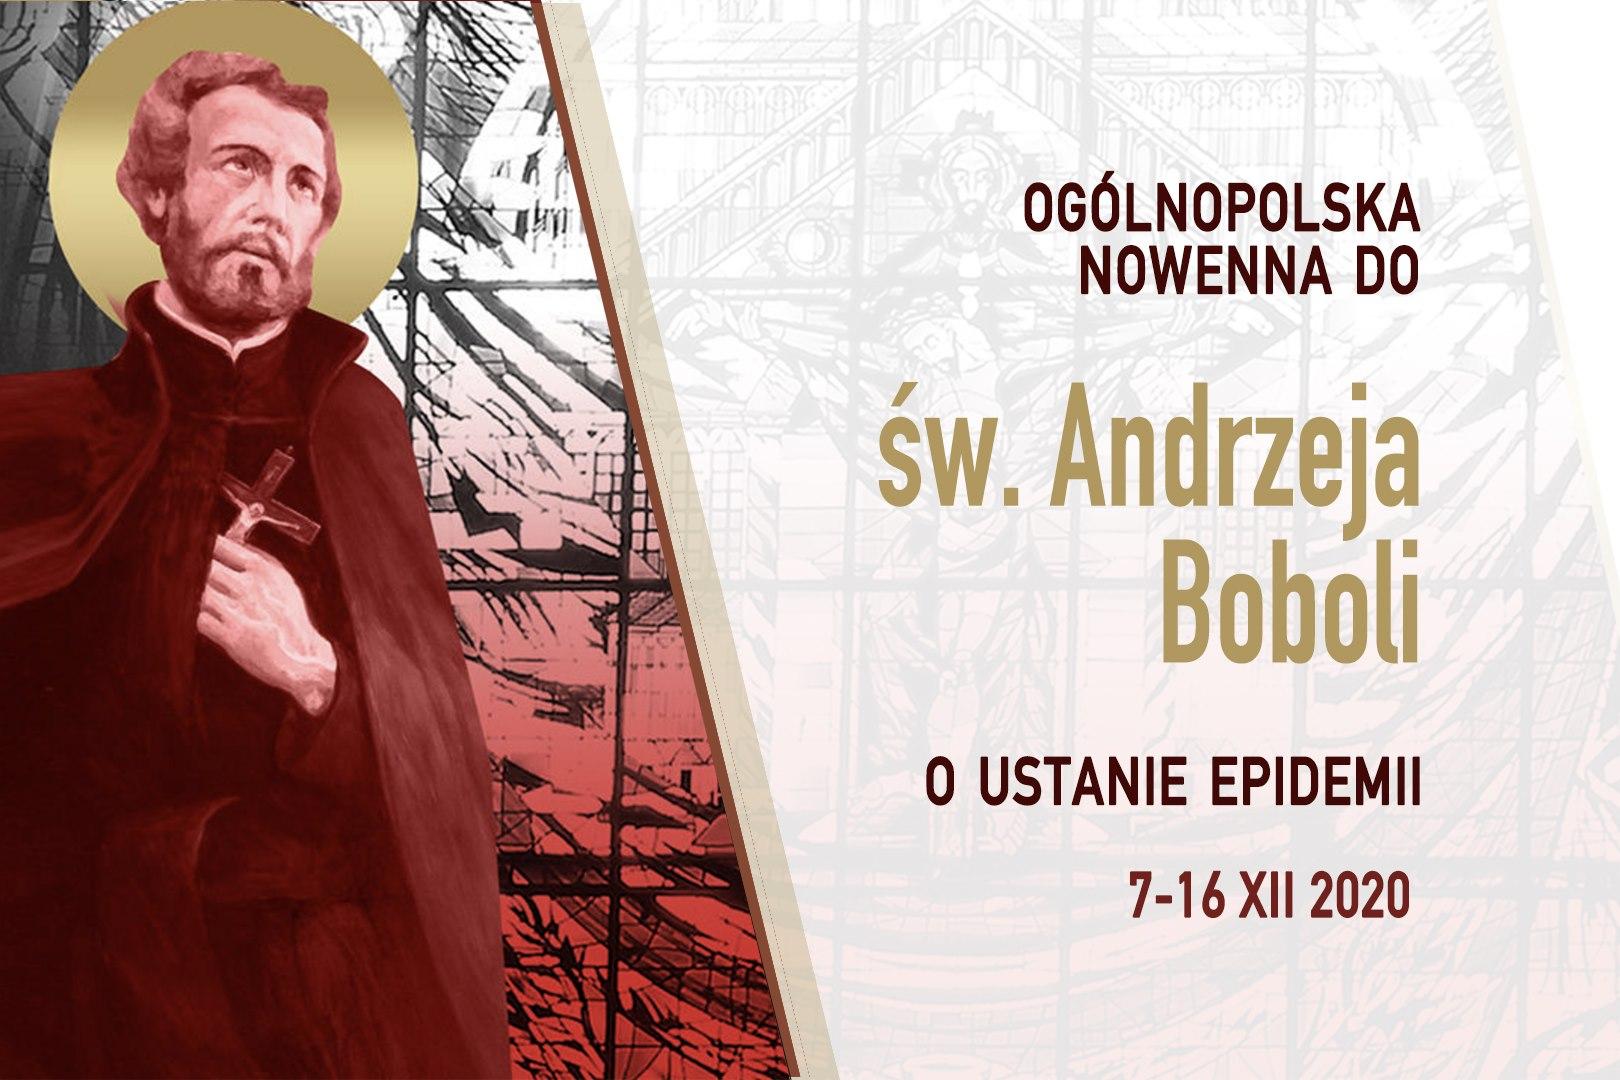 Ogólnopolska Nowenna do św. Andrzeja Boboli o ustanie epidemii